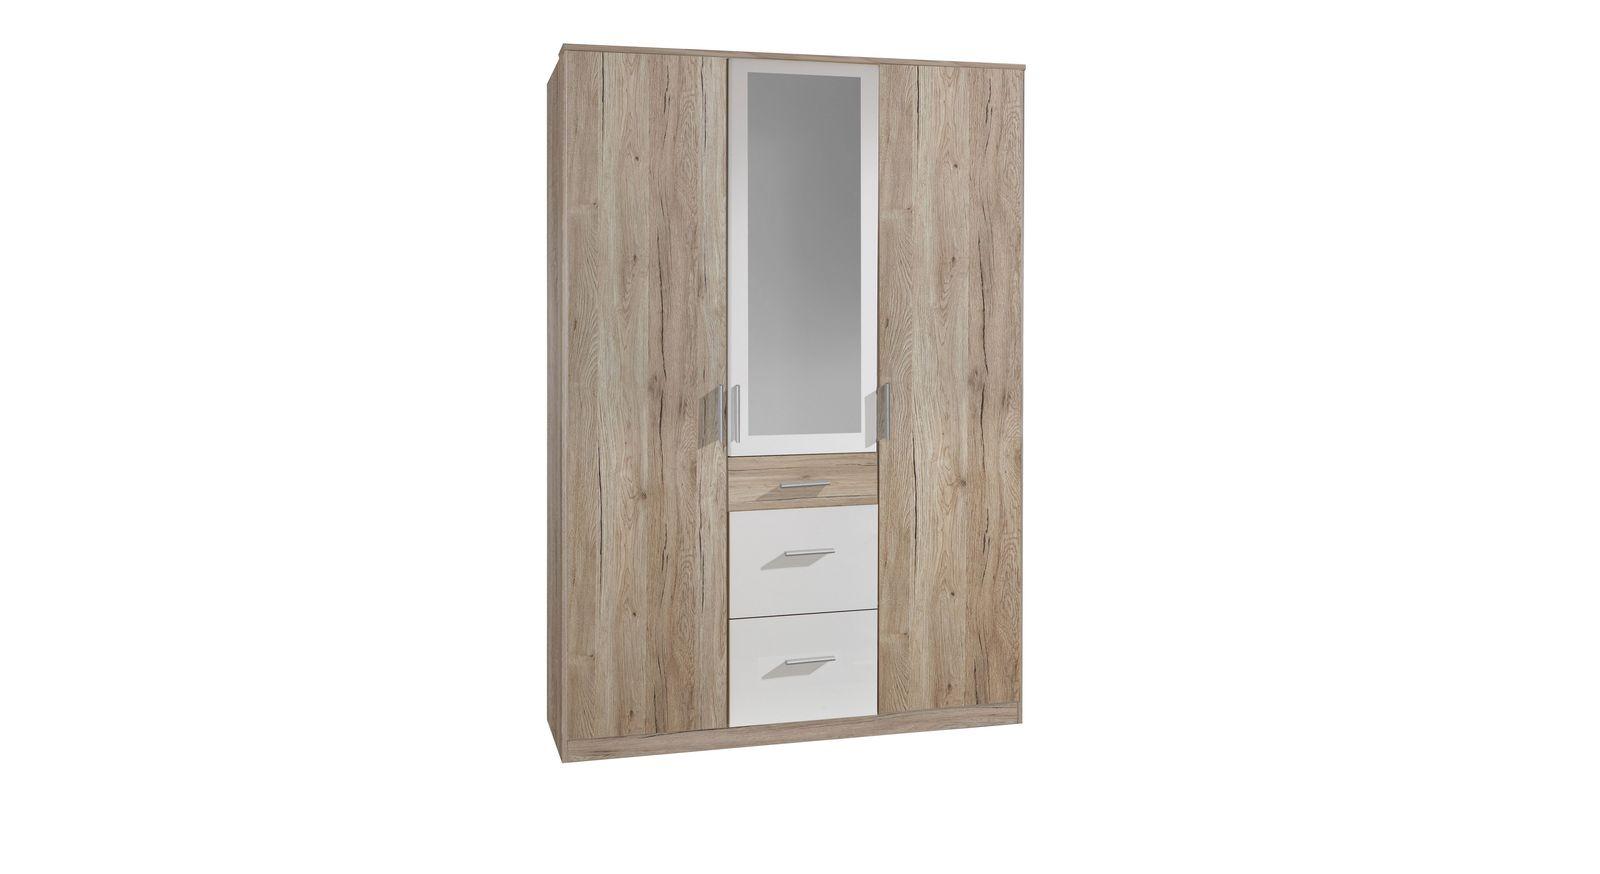 Spiegel-Kleiderschrank Zagra mit drei Türen